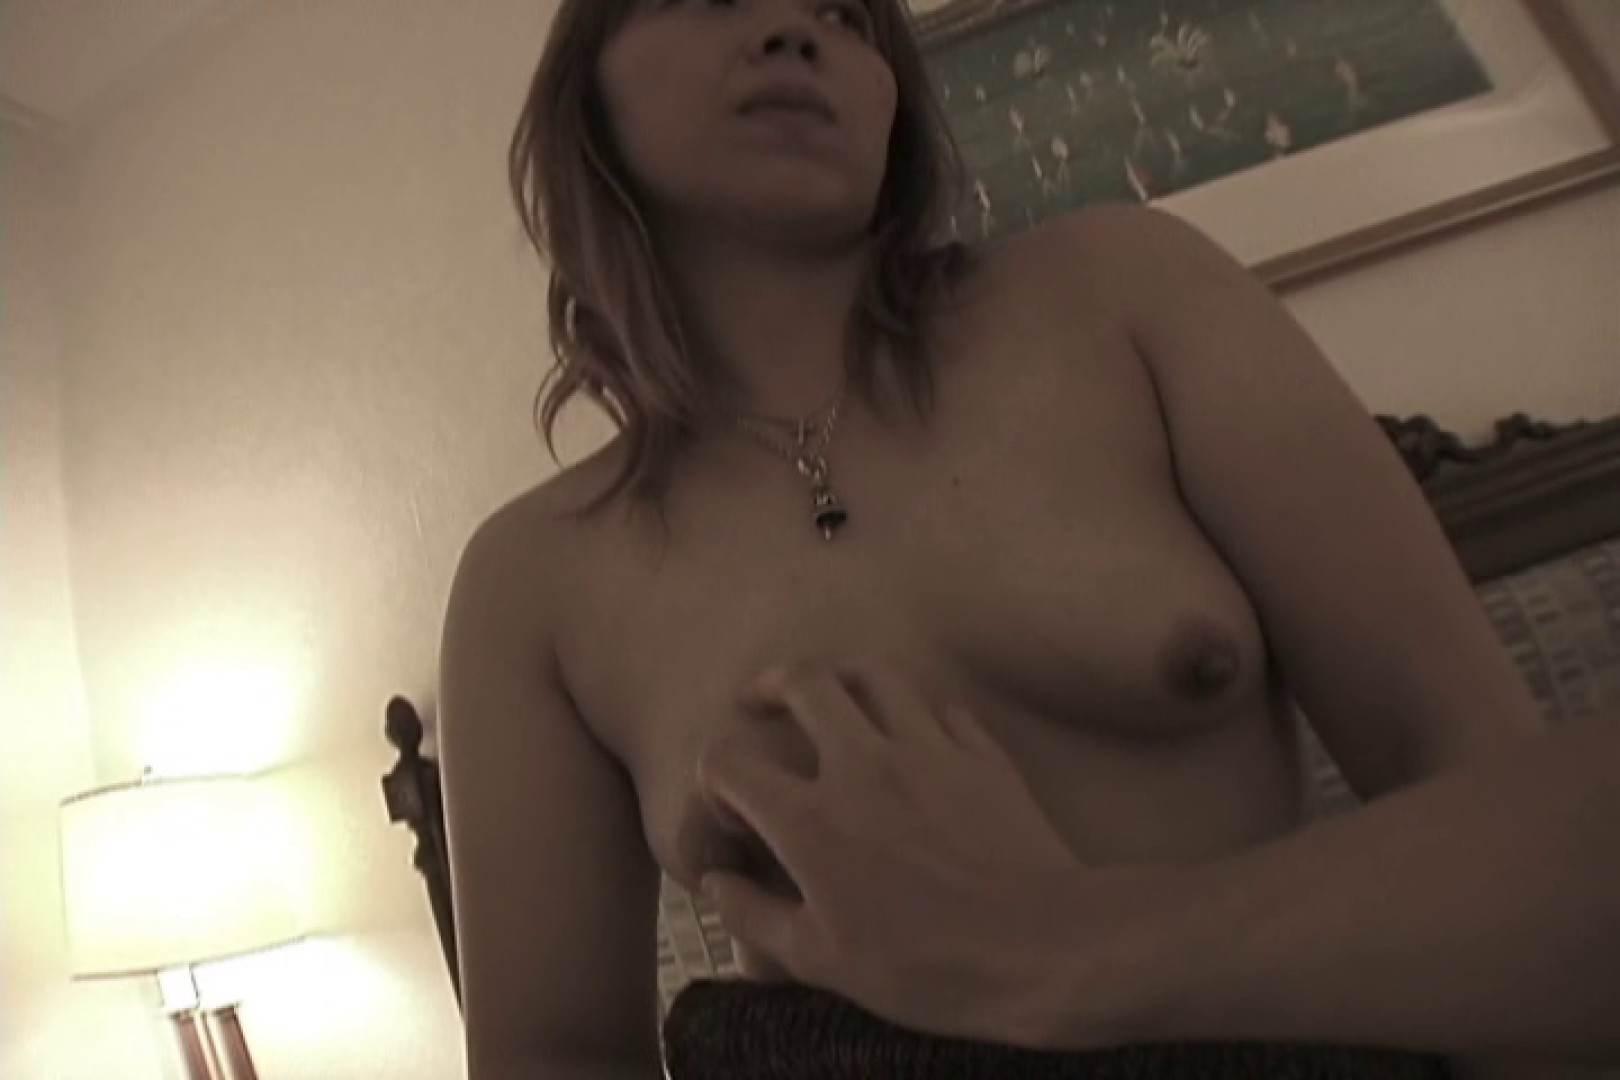 ツンデレ素人嬢もチンポには弱い~増田あけみ~ 素人丸裸  99pic 54